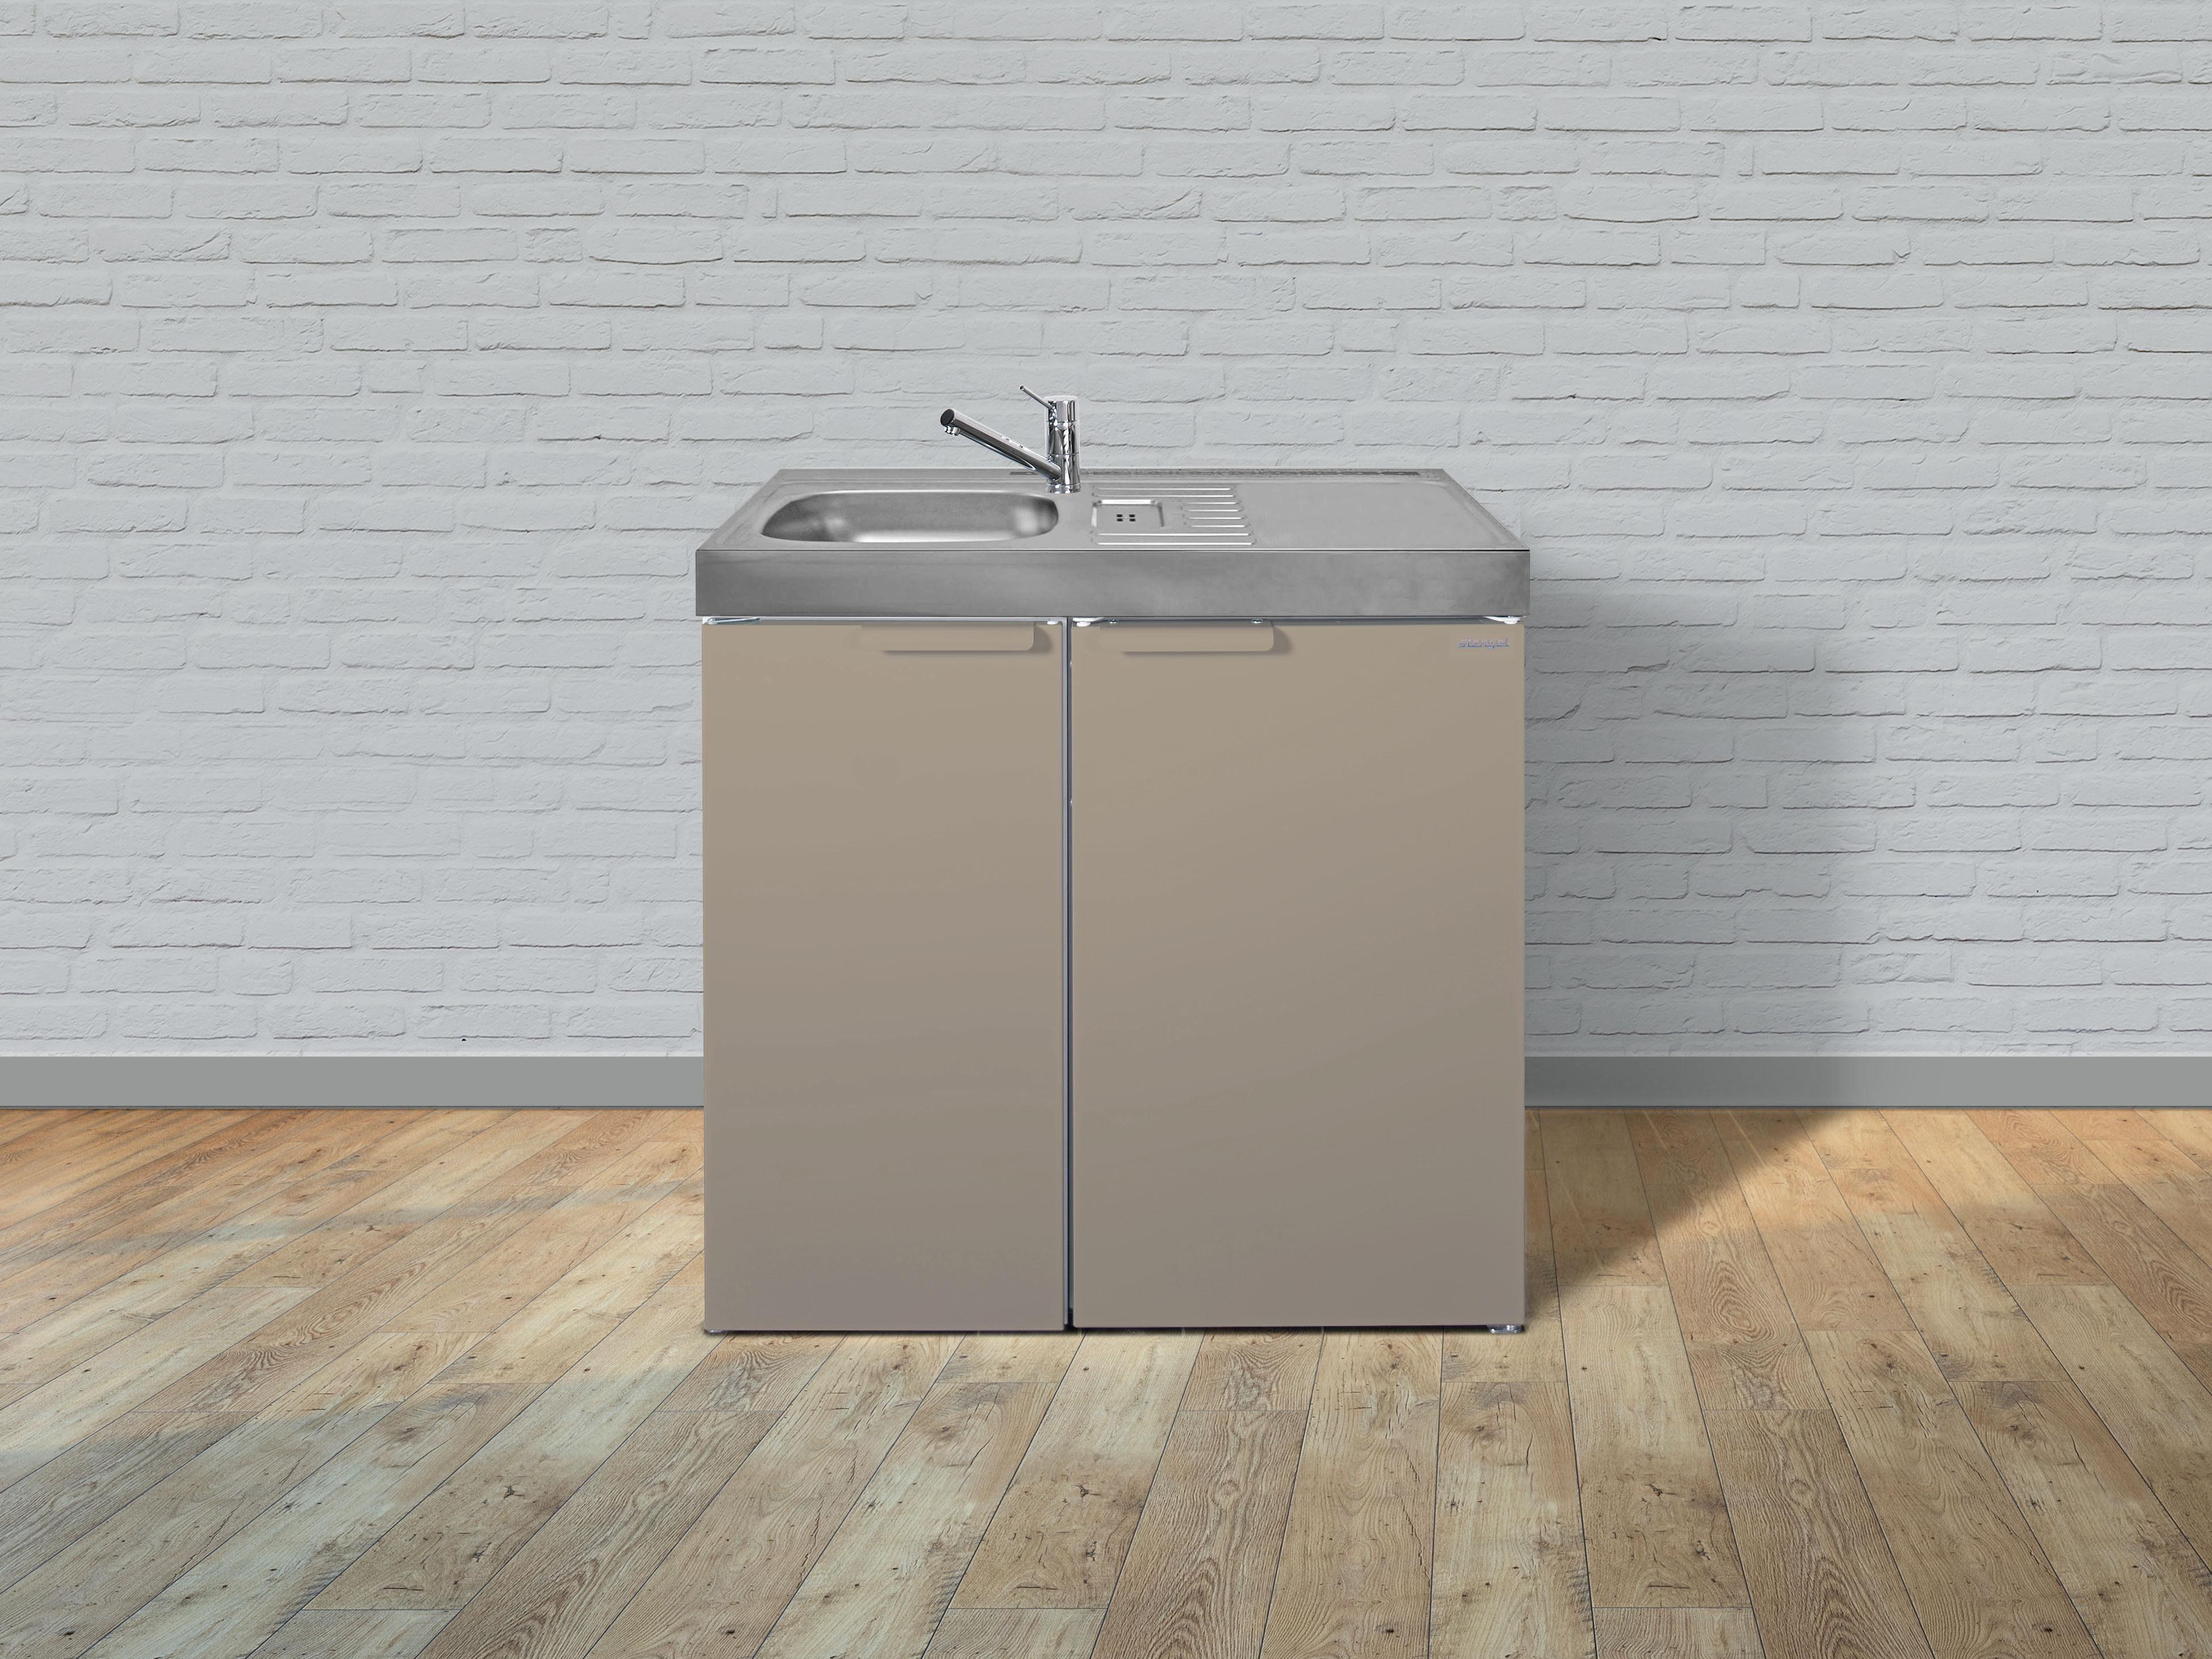 Miniküche Mit Kühlschrank Ohne Kochfeld : Stengel metall miniküche kitchenline mk mit kühlschrank ohne